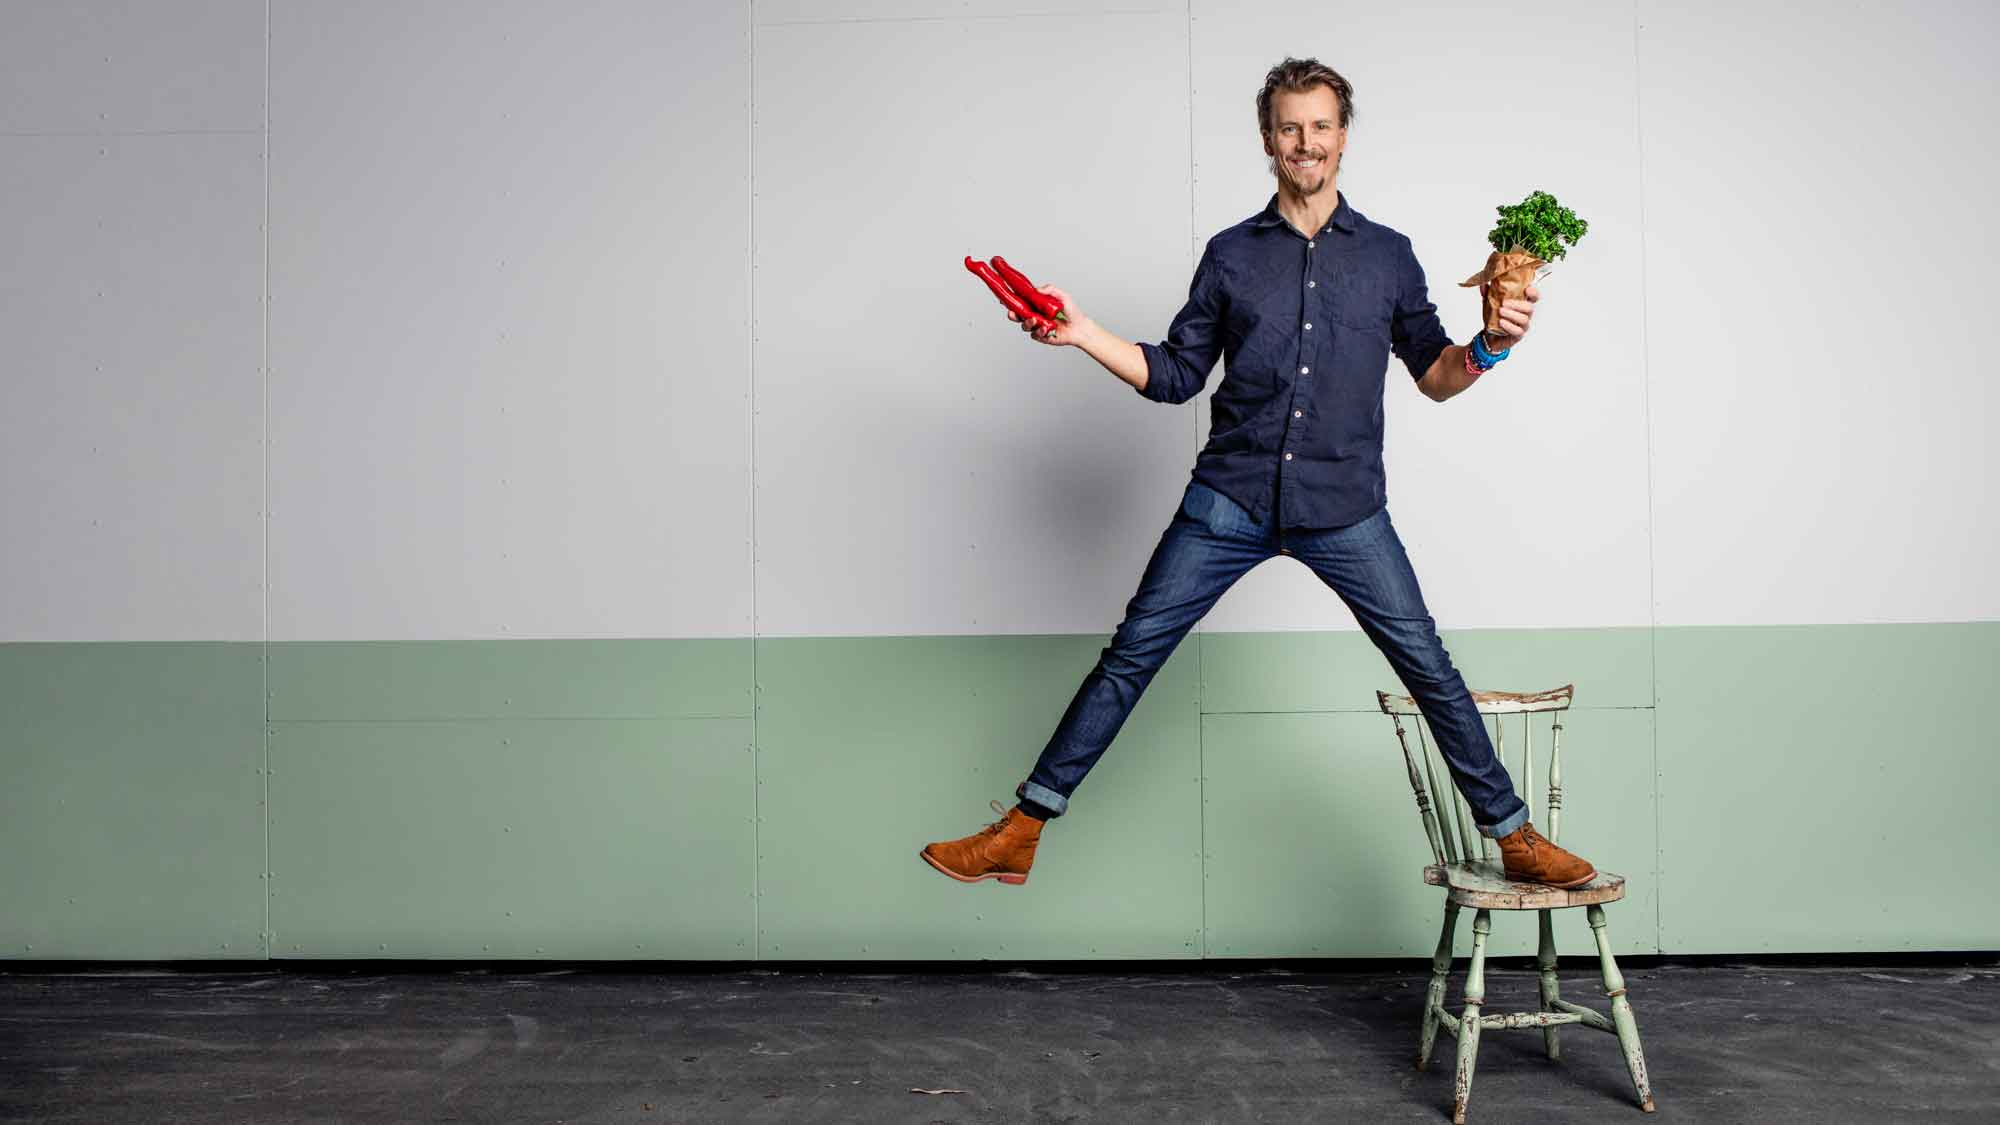 Cancerfondens ambassadör, kocken Paul Svensson, står och balanserar på en stol med grönsaker i händerna.